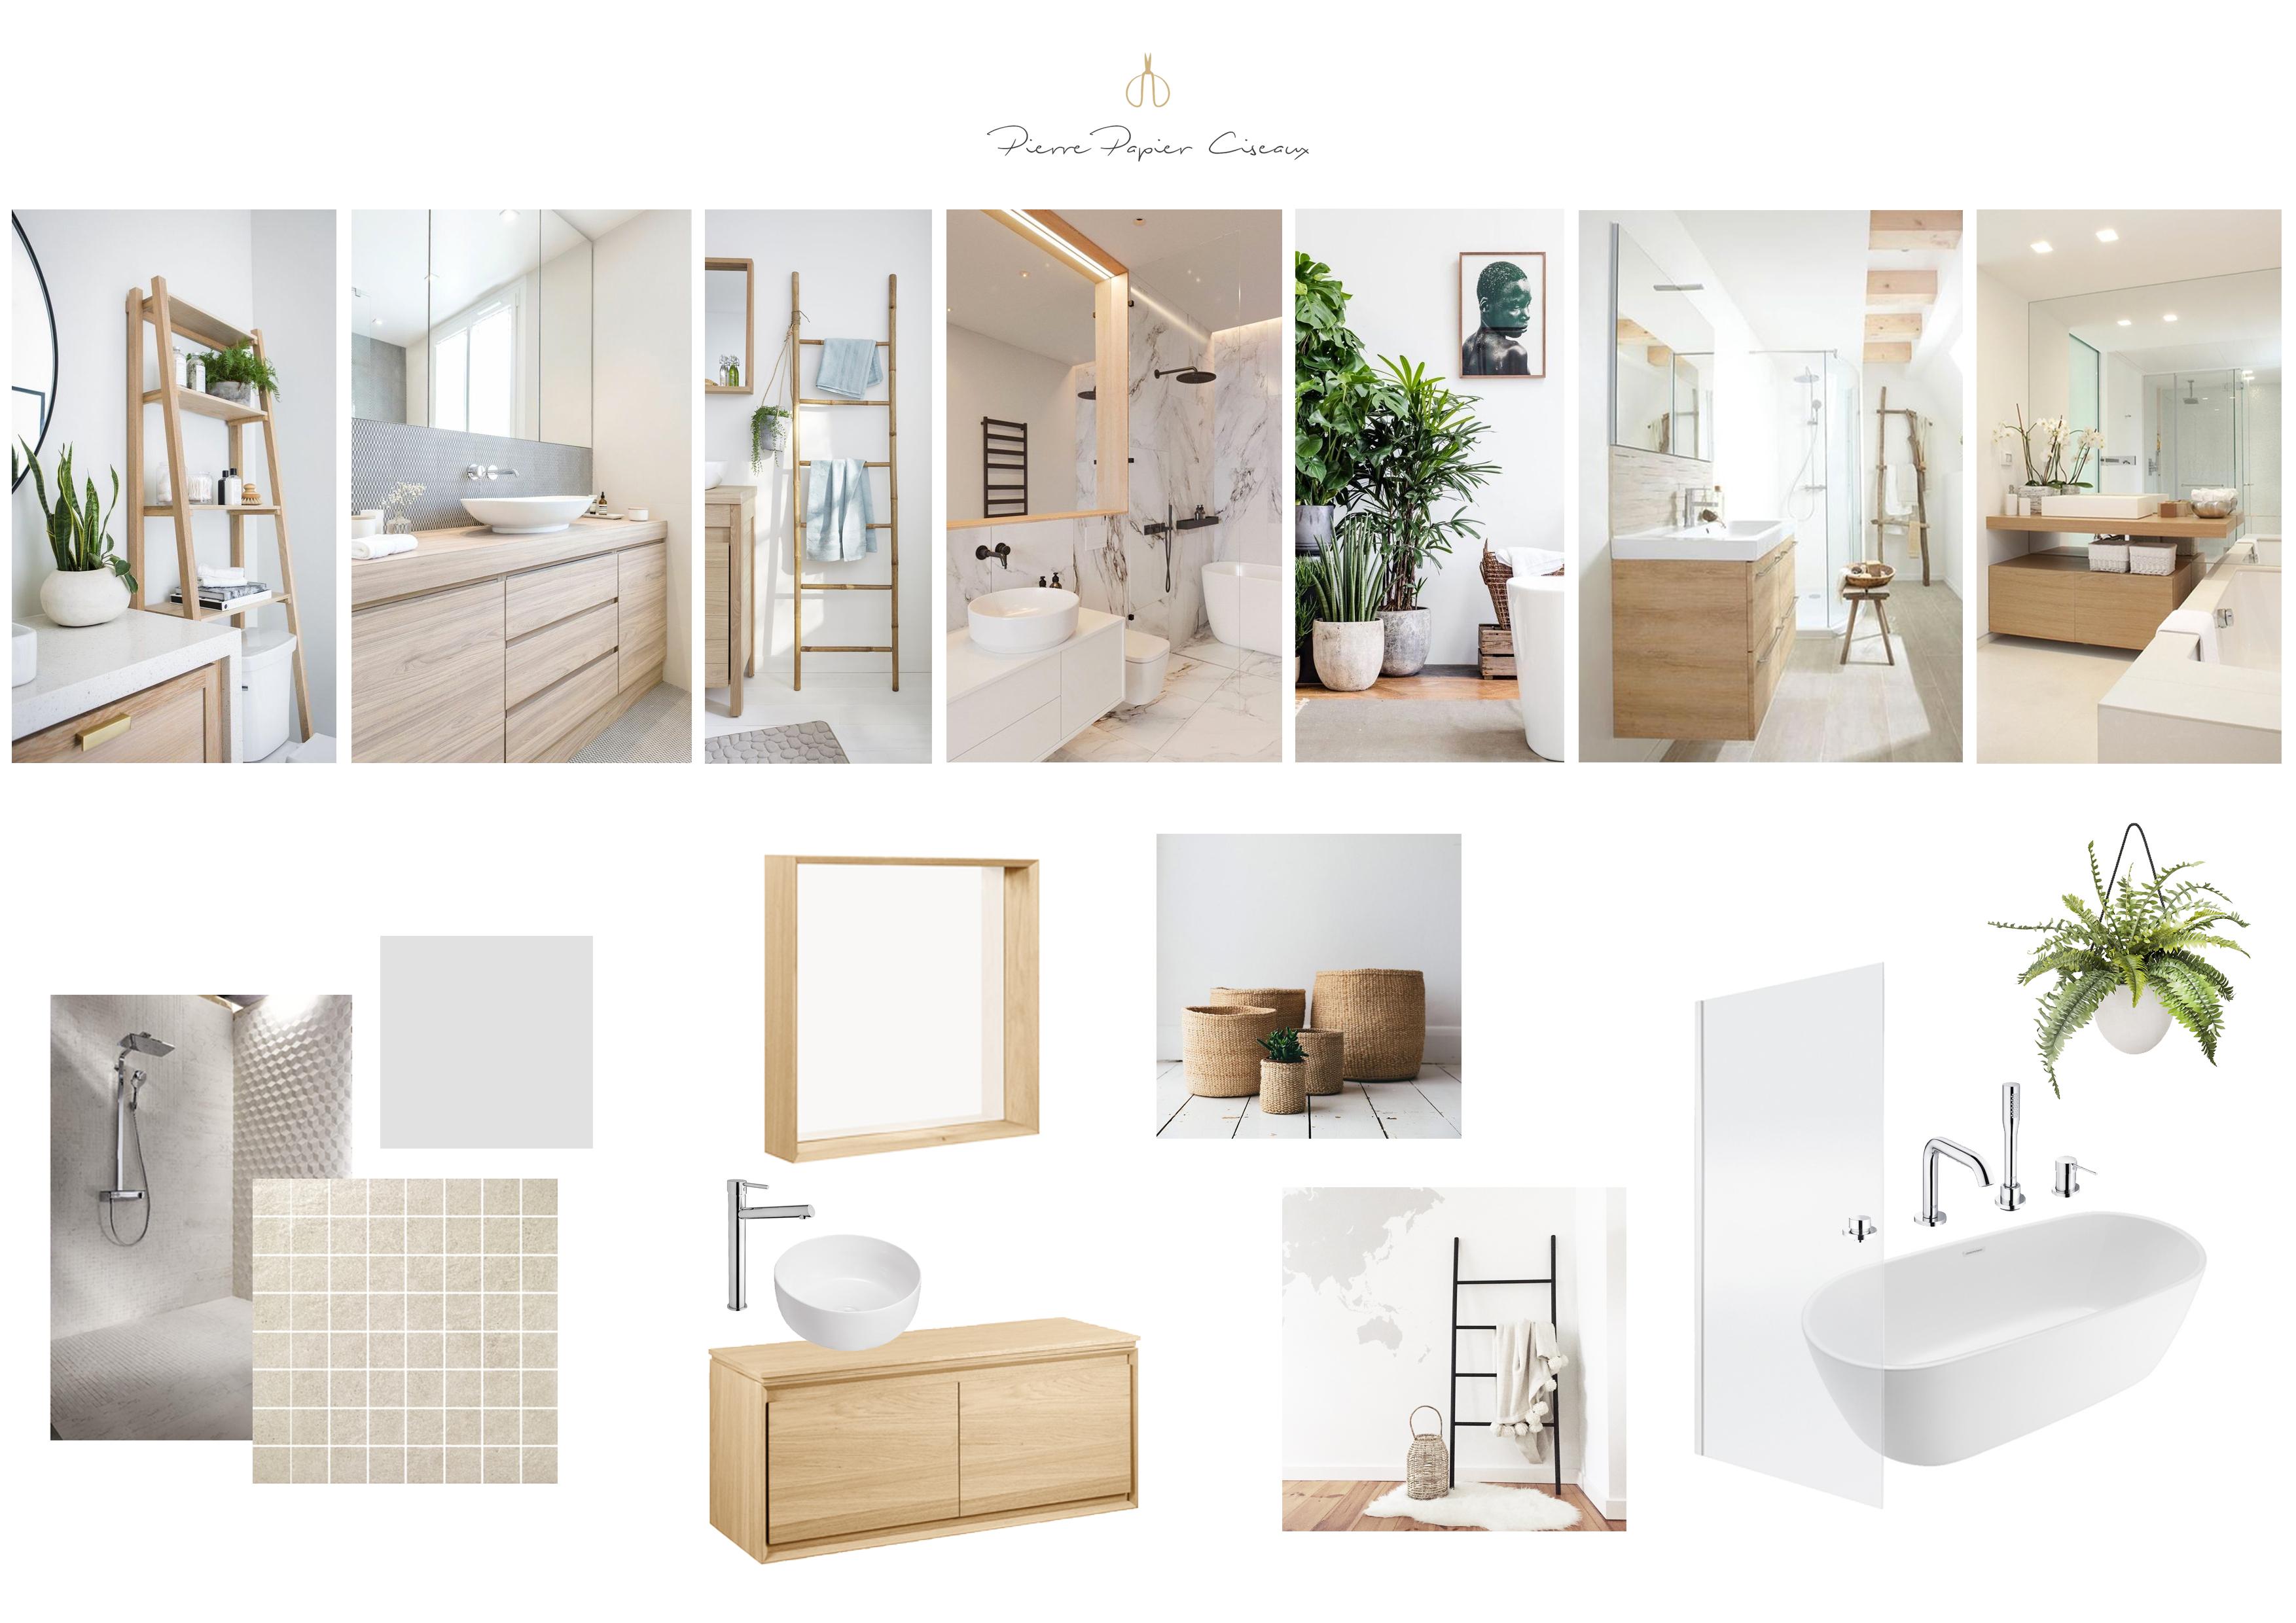 Inspiration salle de bain : 3 moodboards pour 3 ambiances |